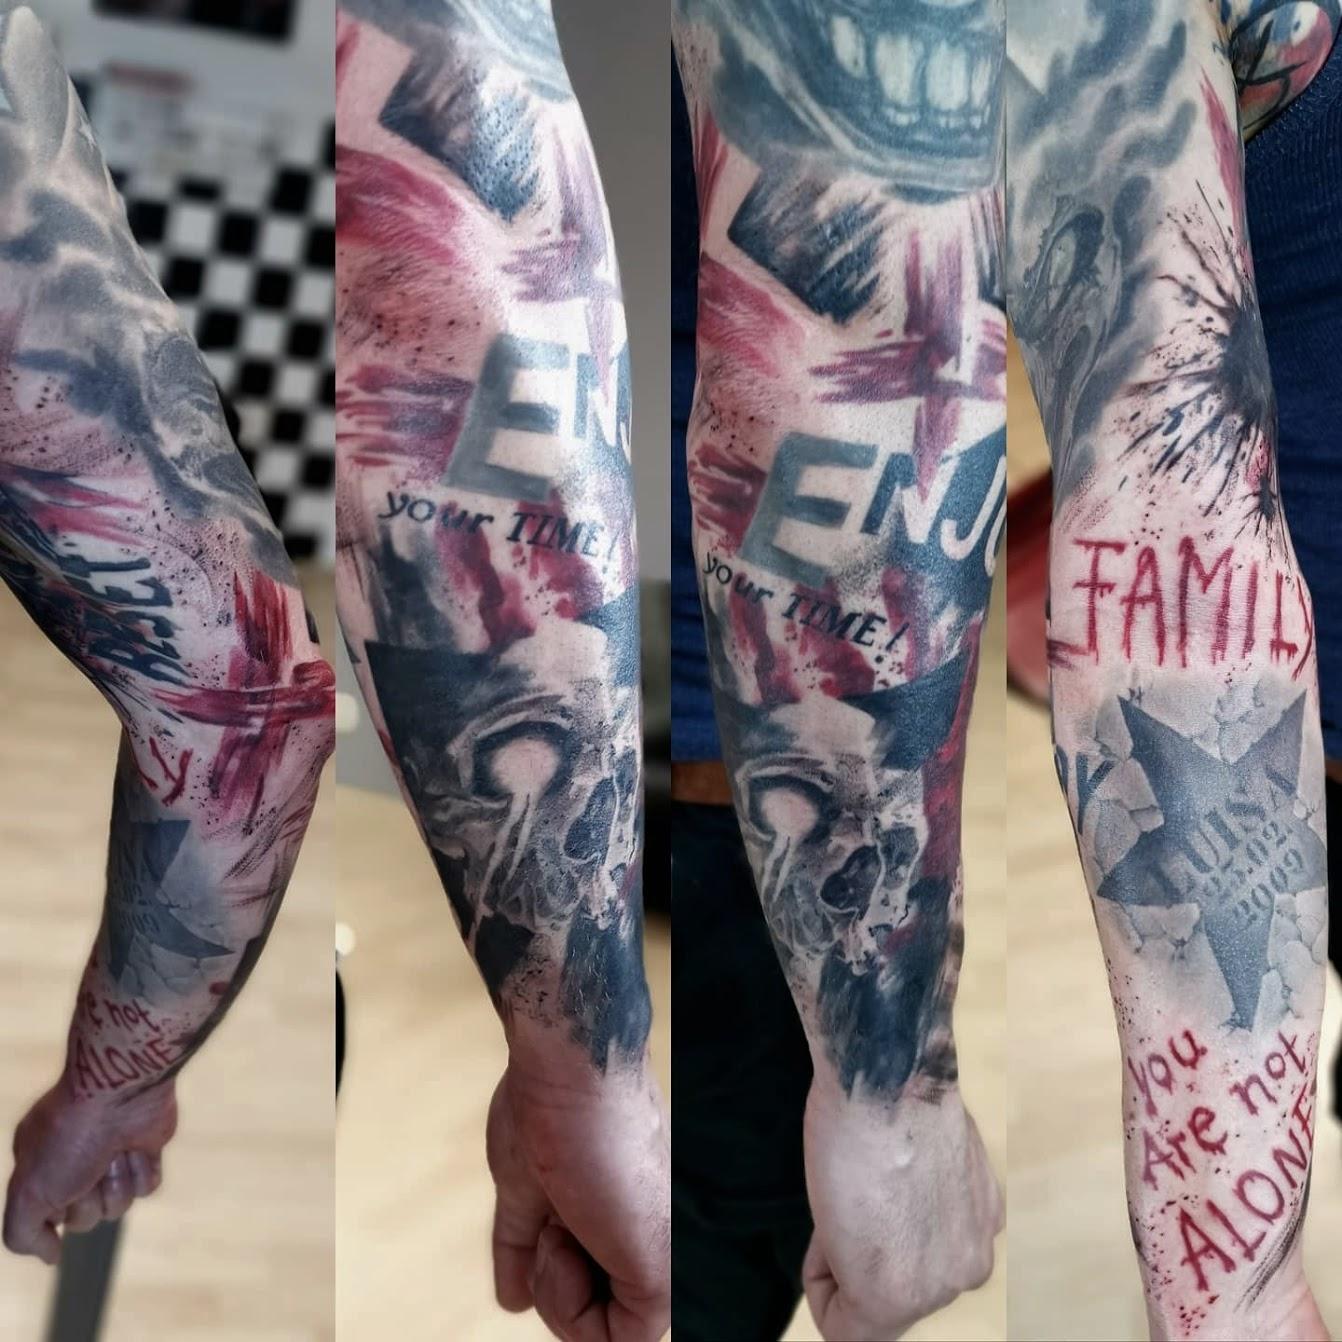 Tattoo-Blut-Arm-Typo